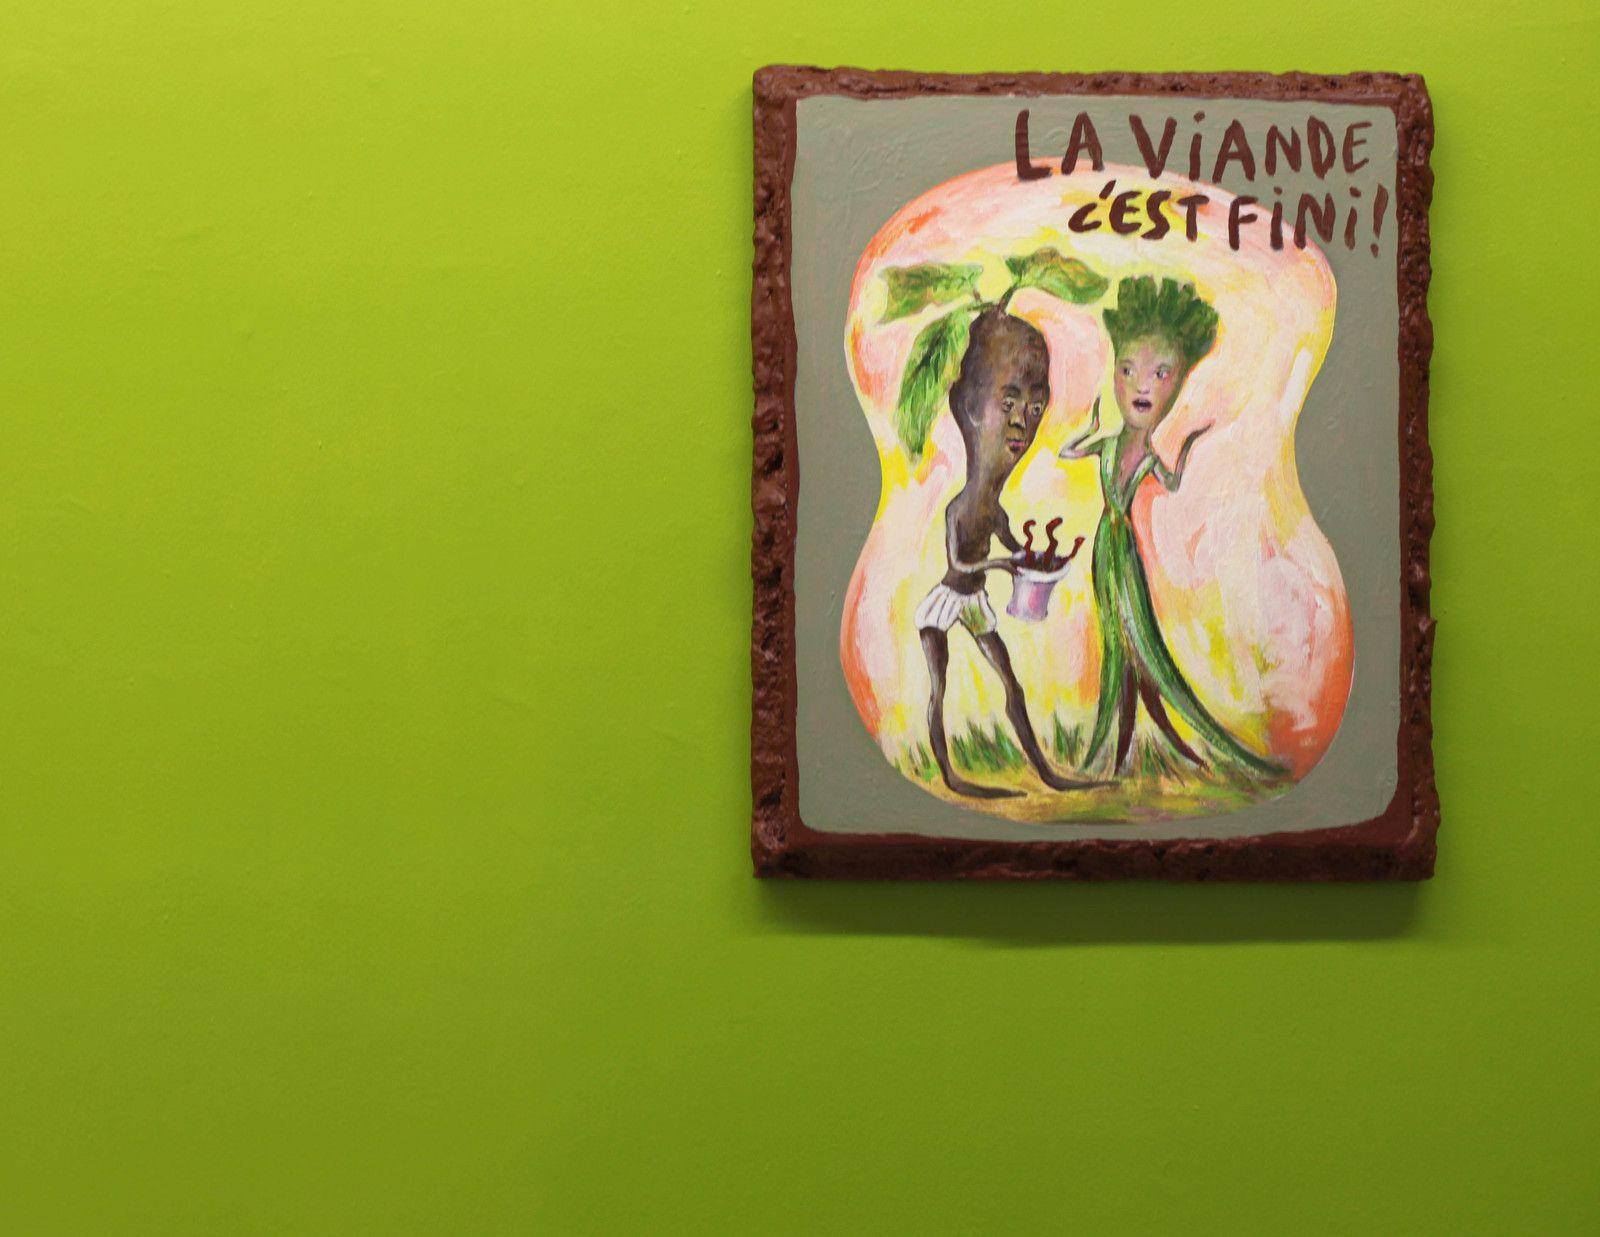 """""""La viande c'est fini !"""", 2020 de Arnaud LABELLE-ROJOUX - Courtesy de l'artiste et de la Galerie Loevenbruck © Photo Éric Simon"""